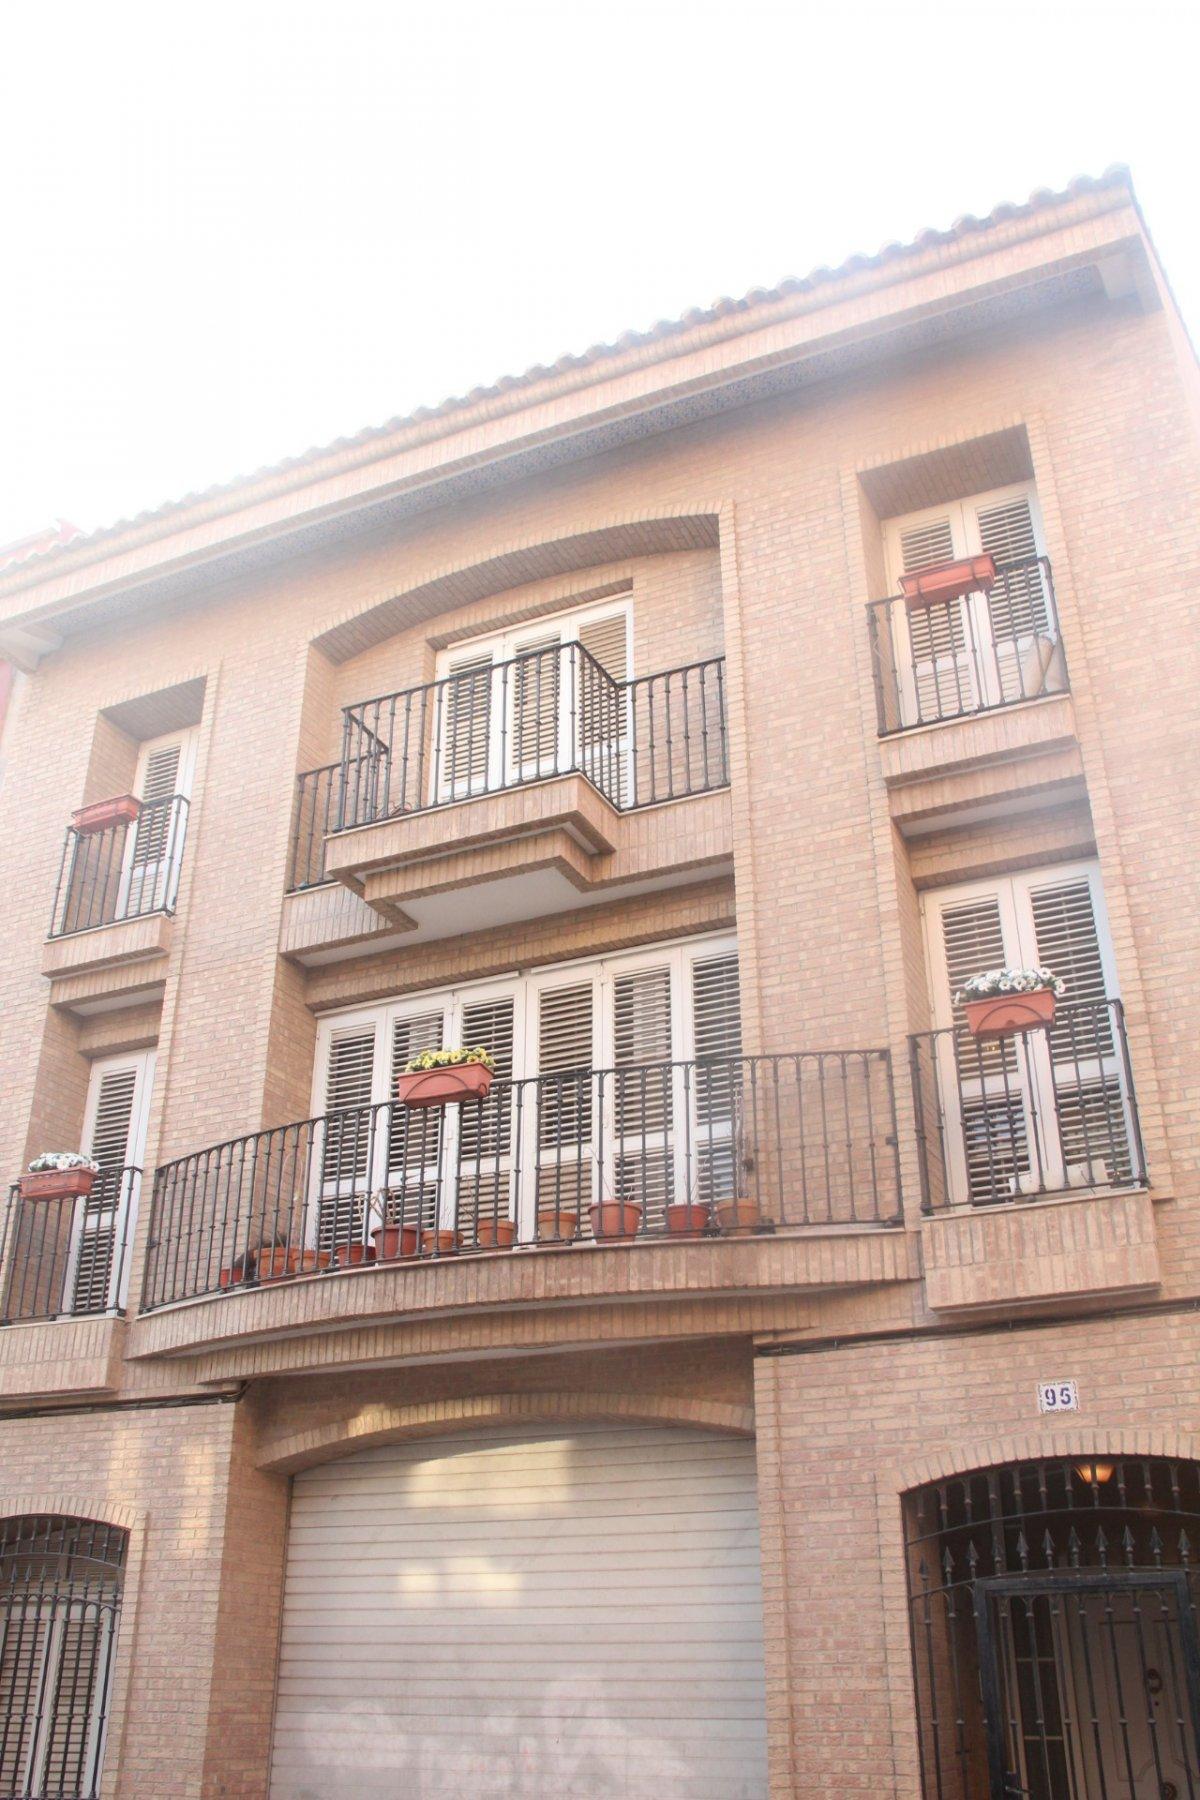 edificio en valencia · el-cabanyal---el-canyamelar 0€